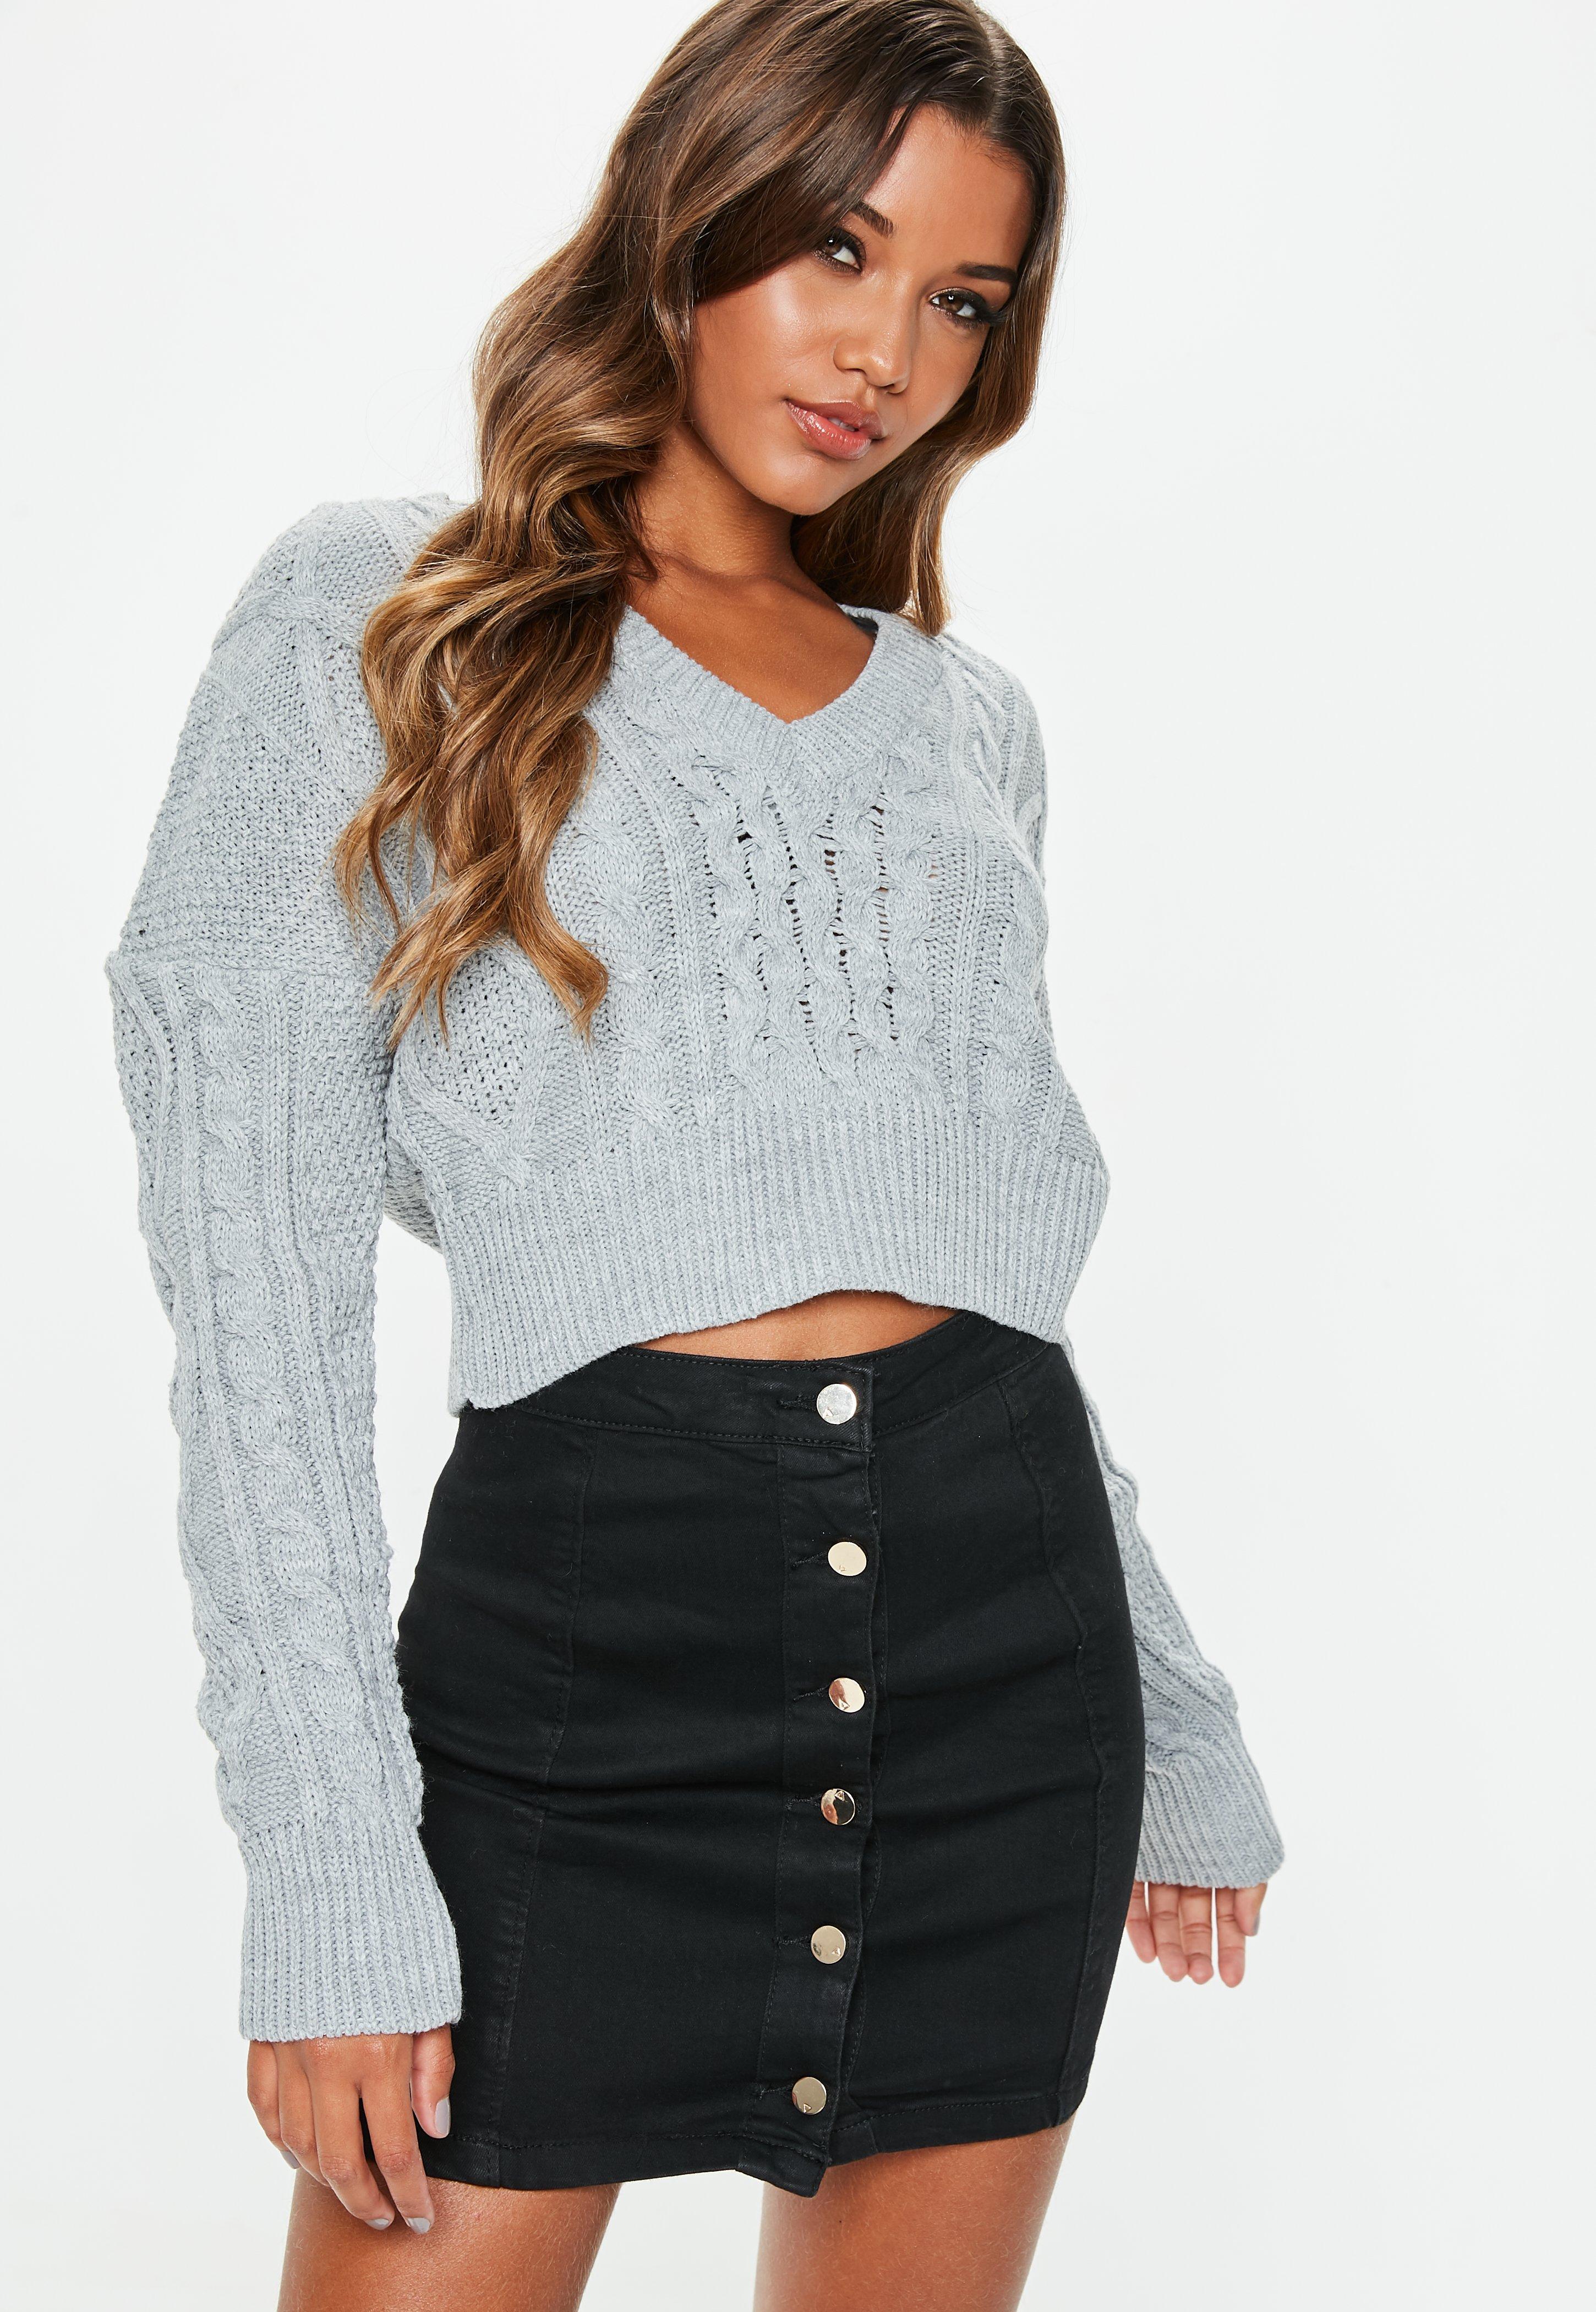 cc99c9564d Missguided Black Superstretch Button Denim Mini Skirt in Black ...